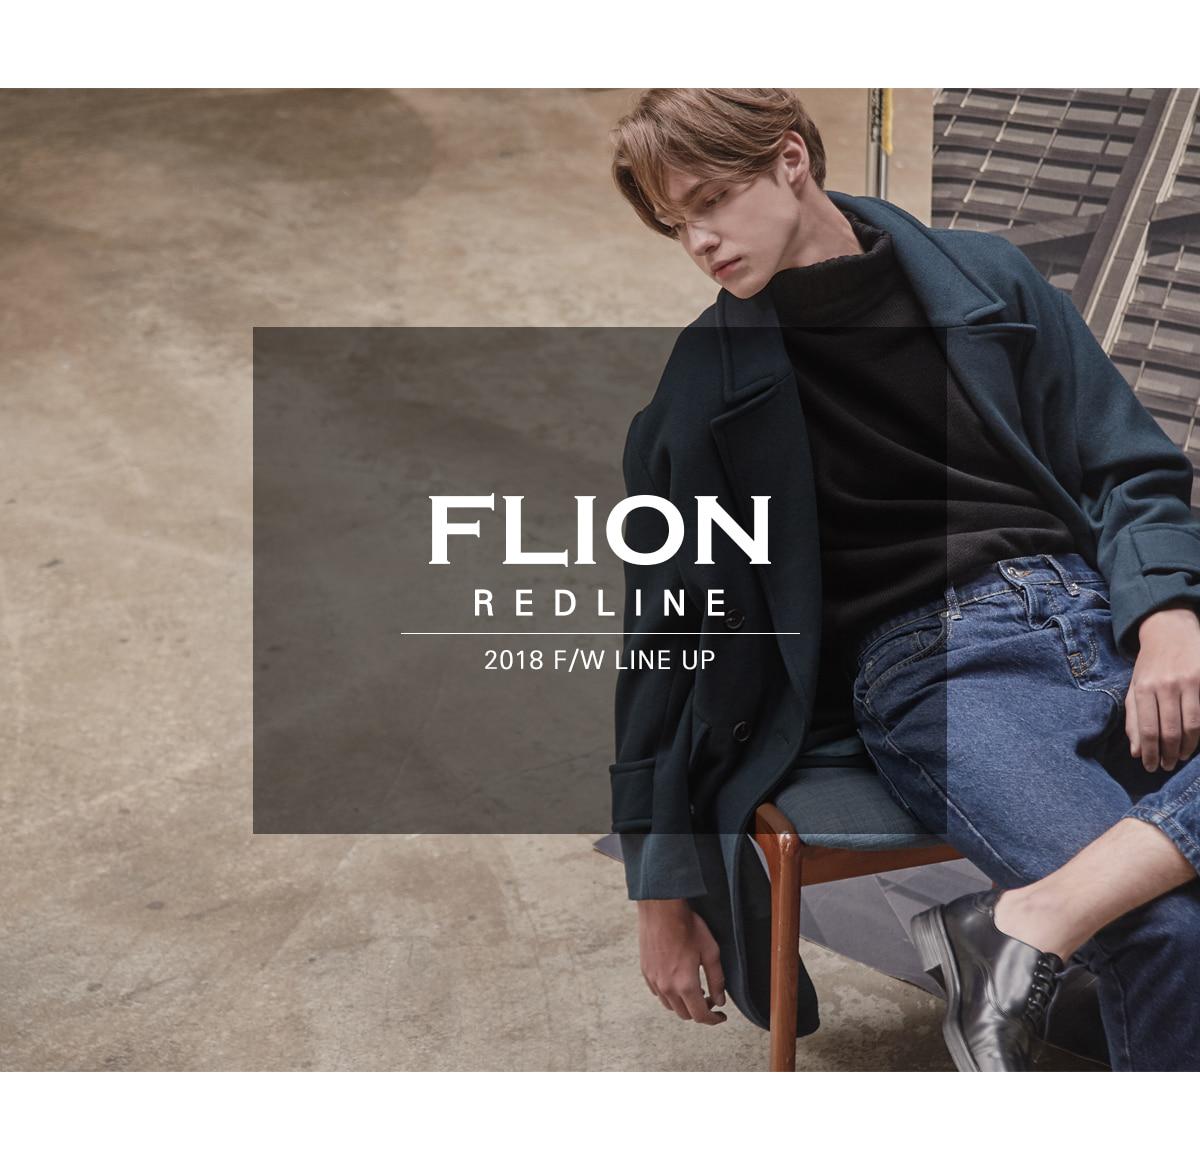 플리온(FLION) 레드라인 커프스 컷팅 롱 코트 - 브라운